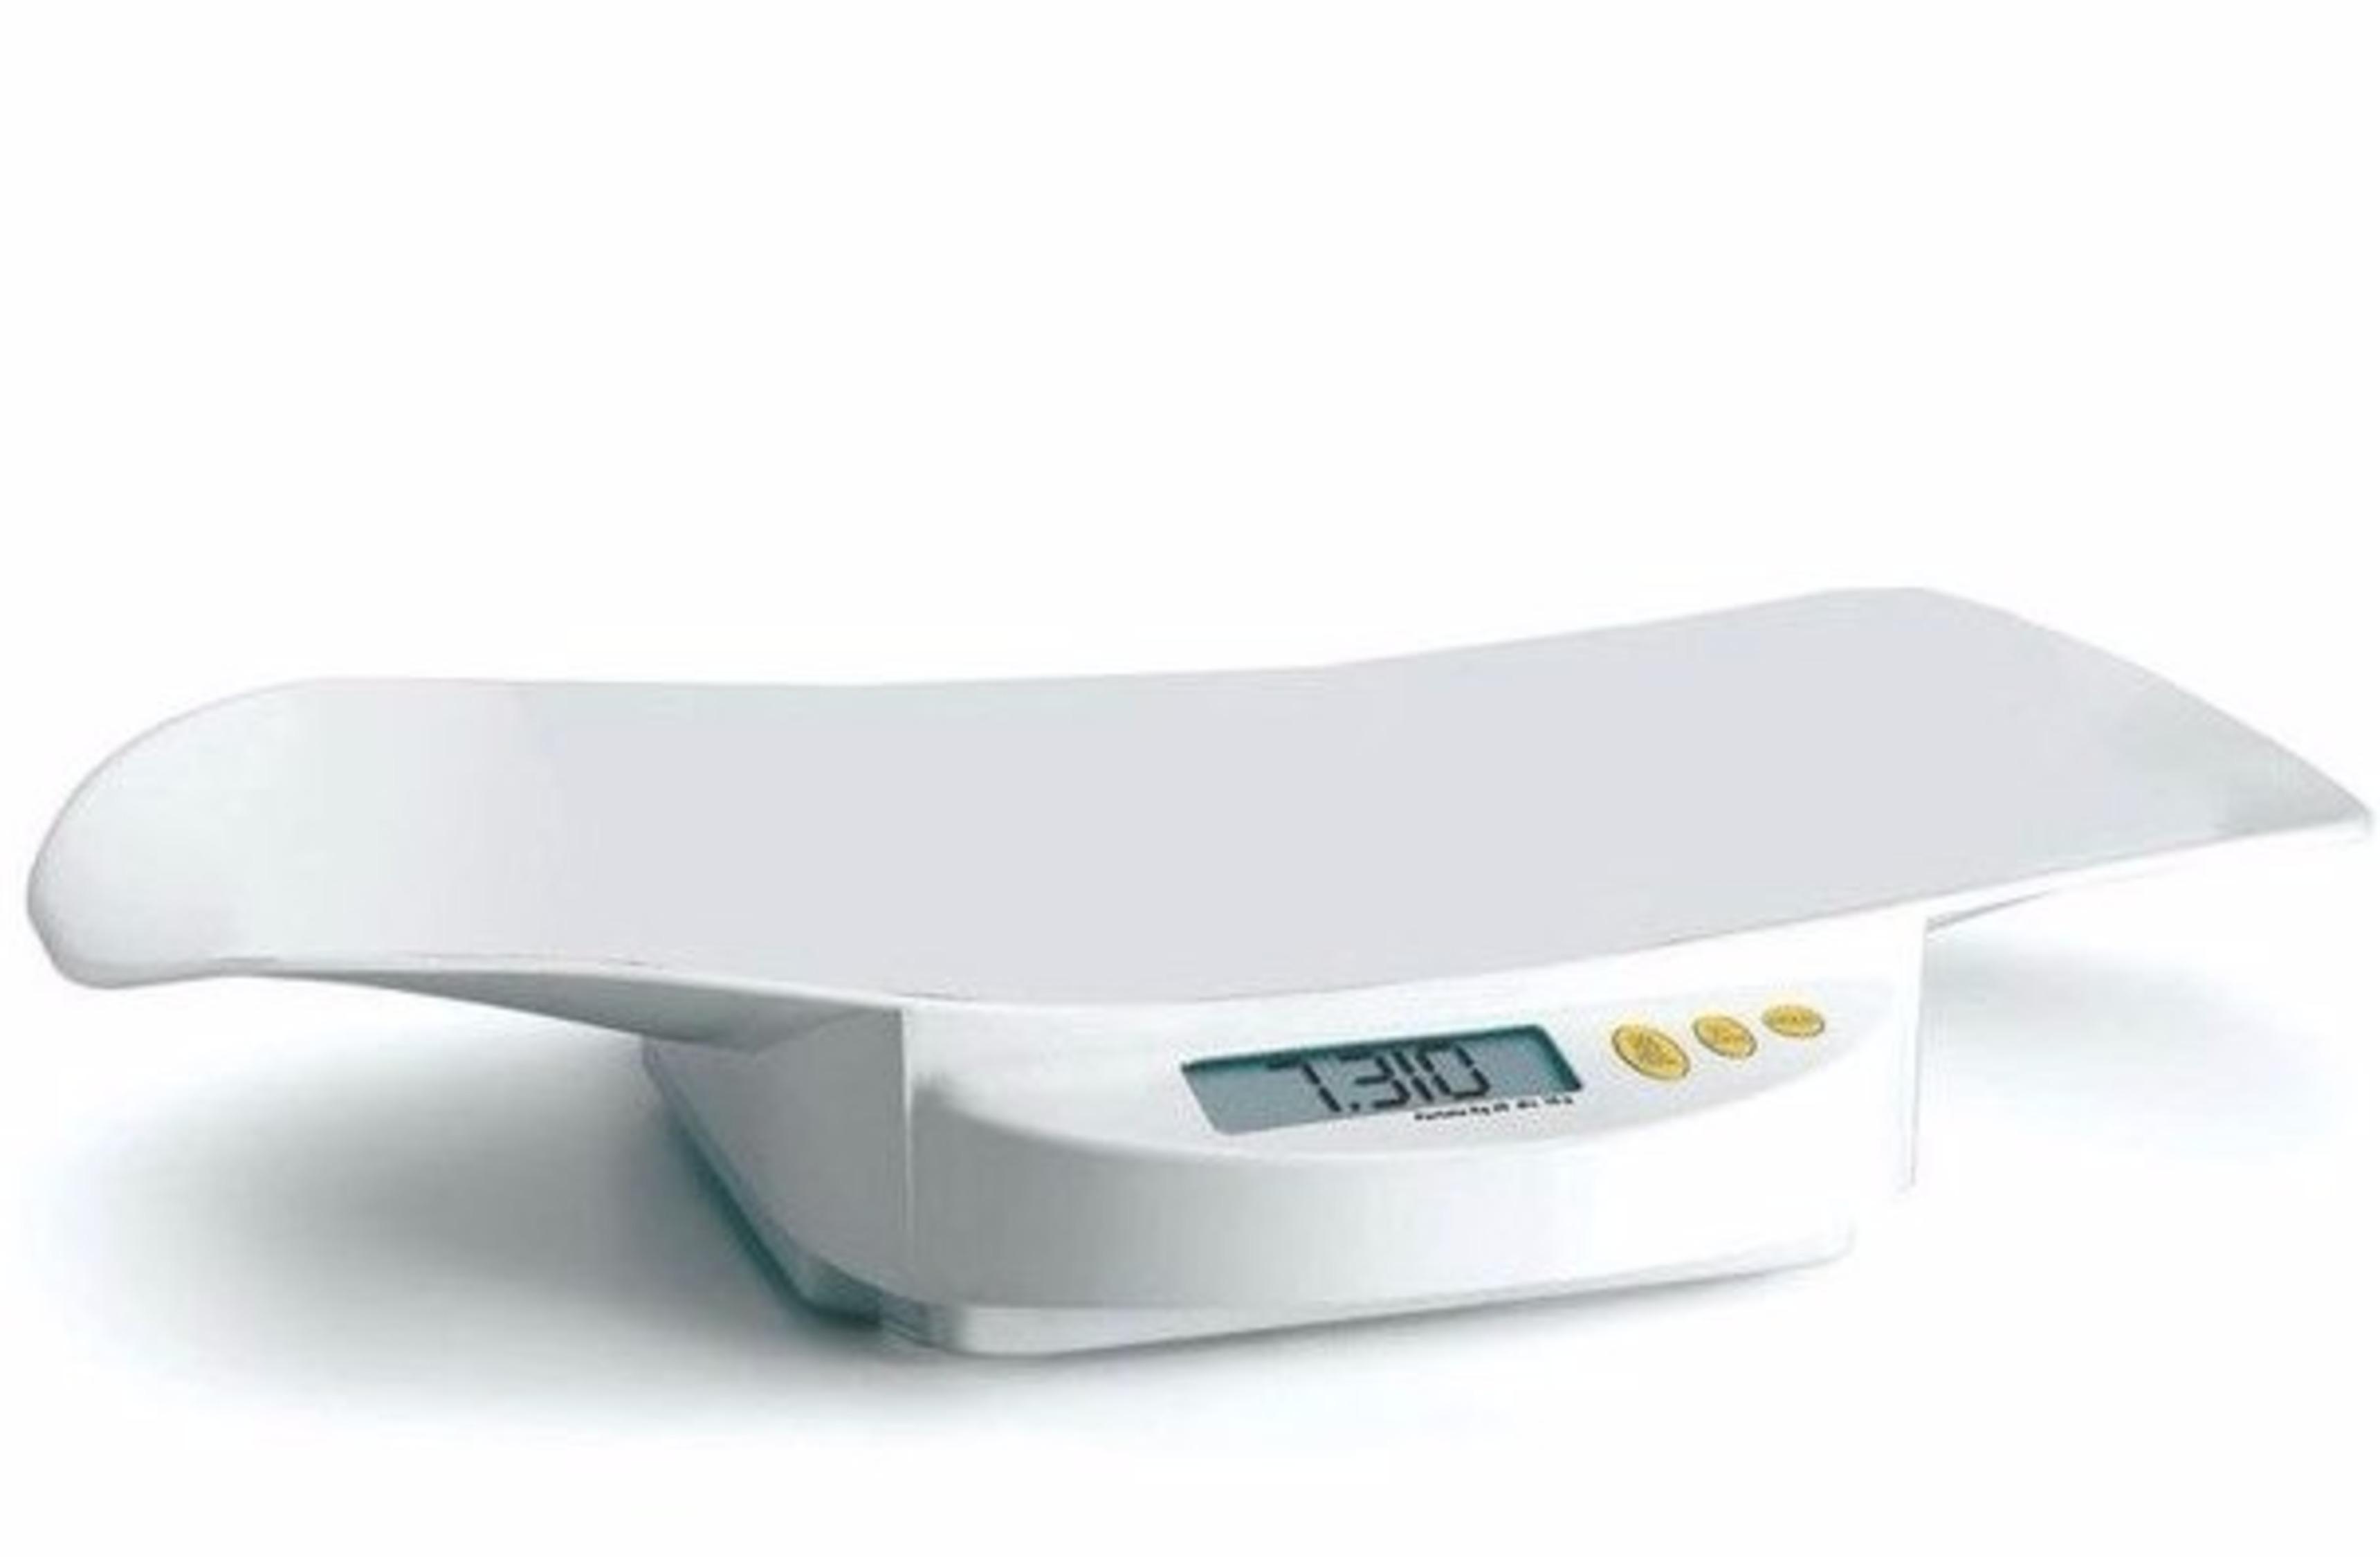 Весы Laica для взвешивания новорожденных MD6141